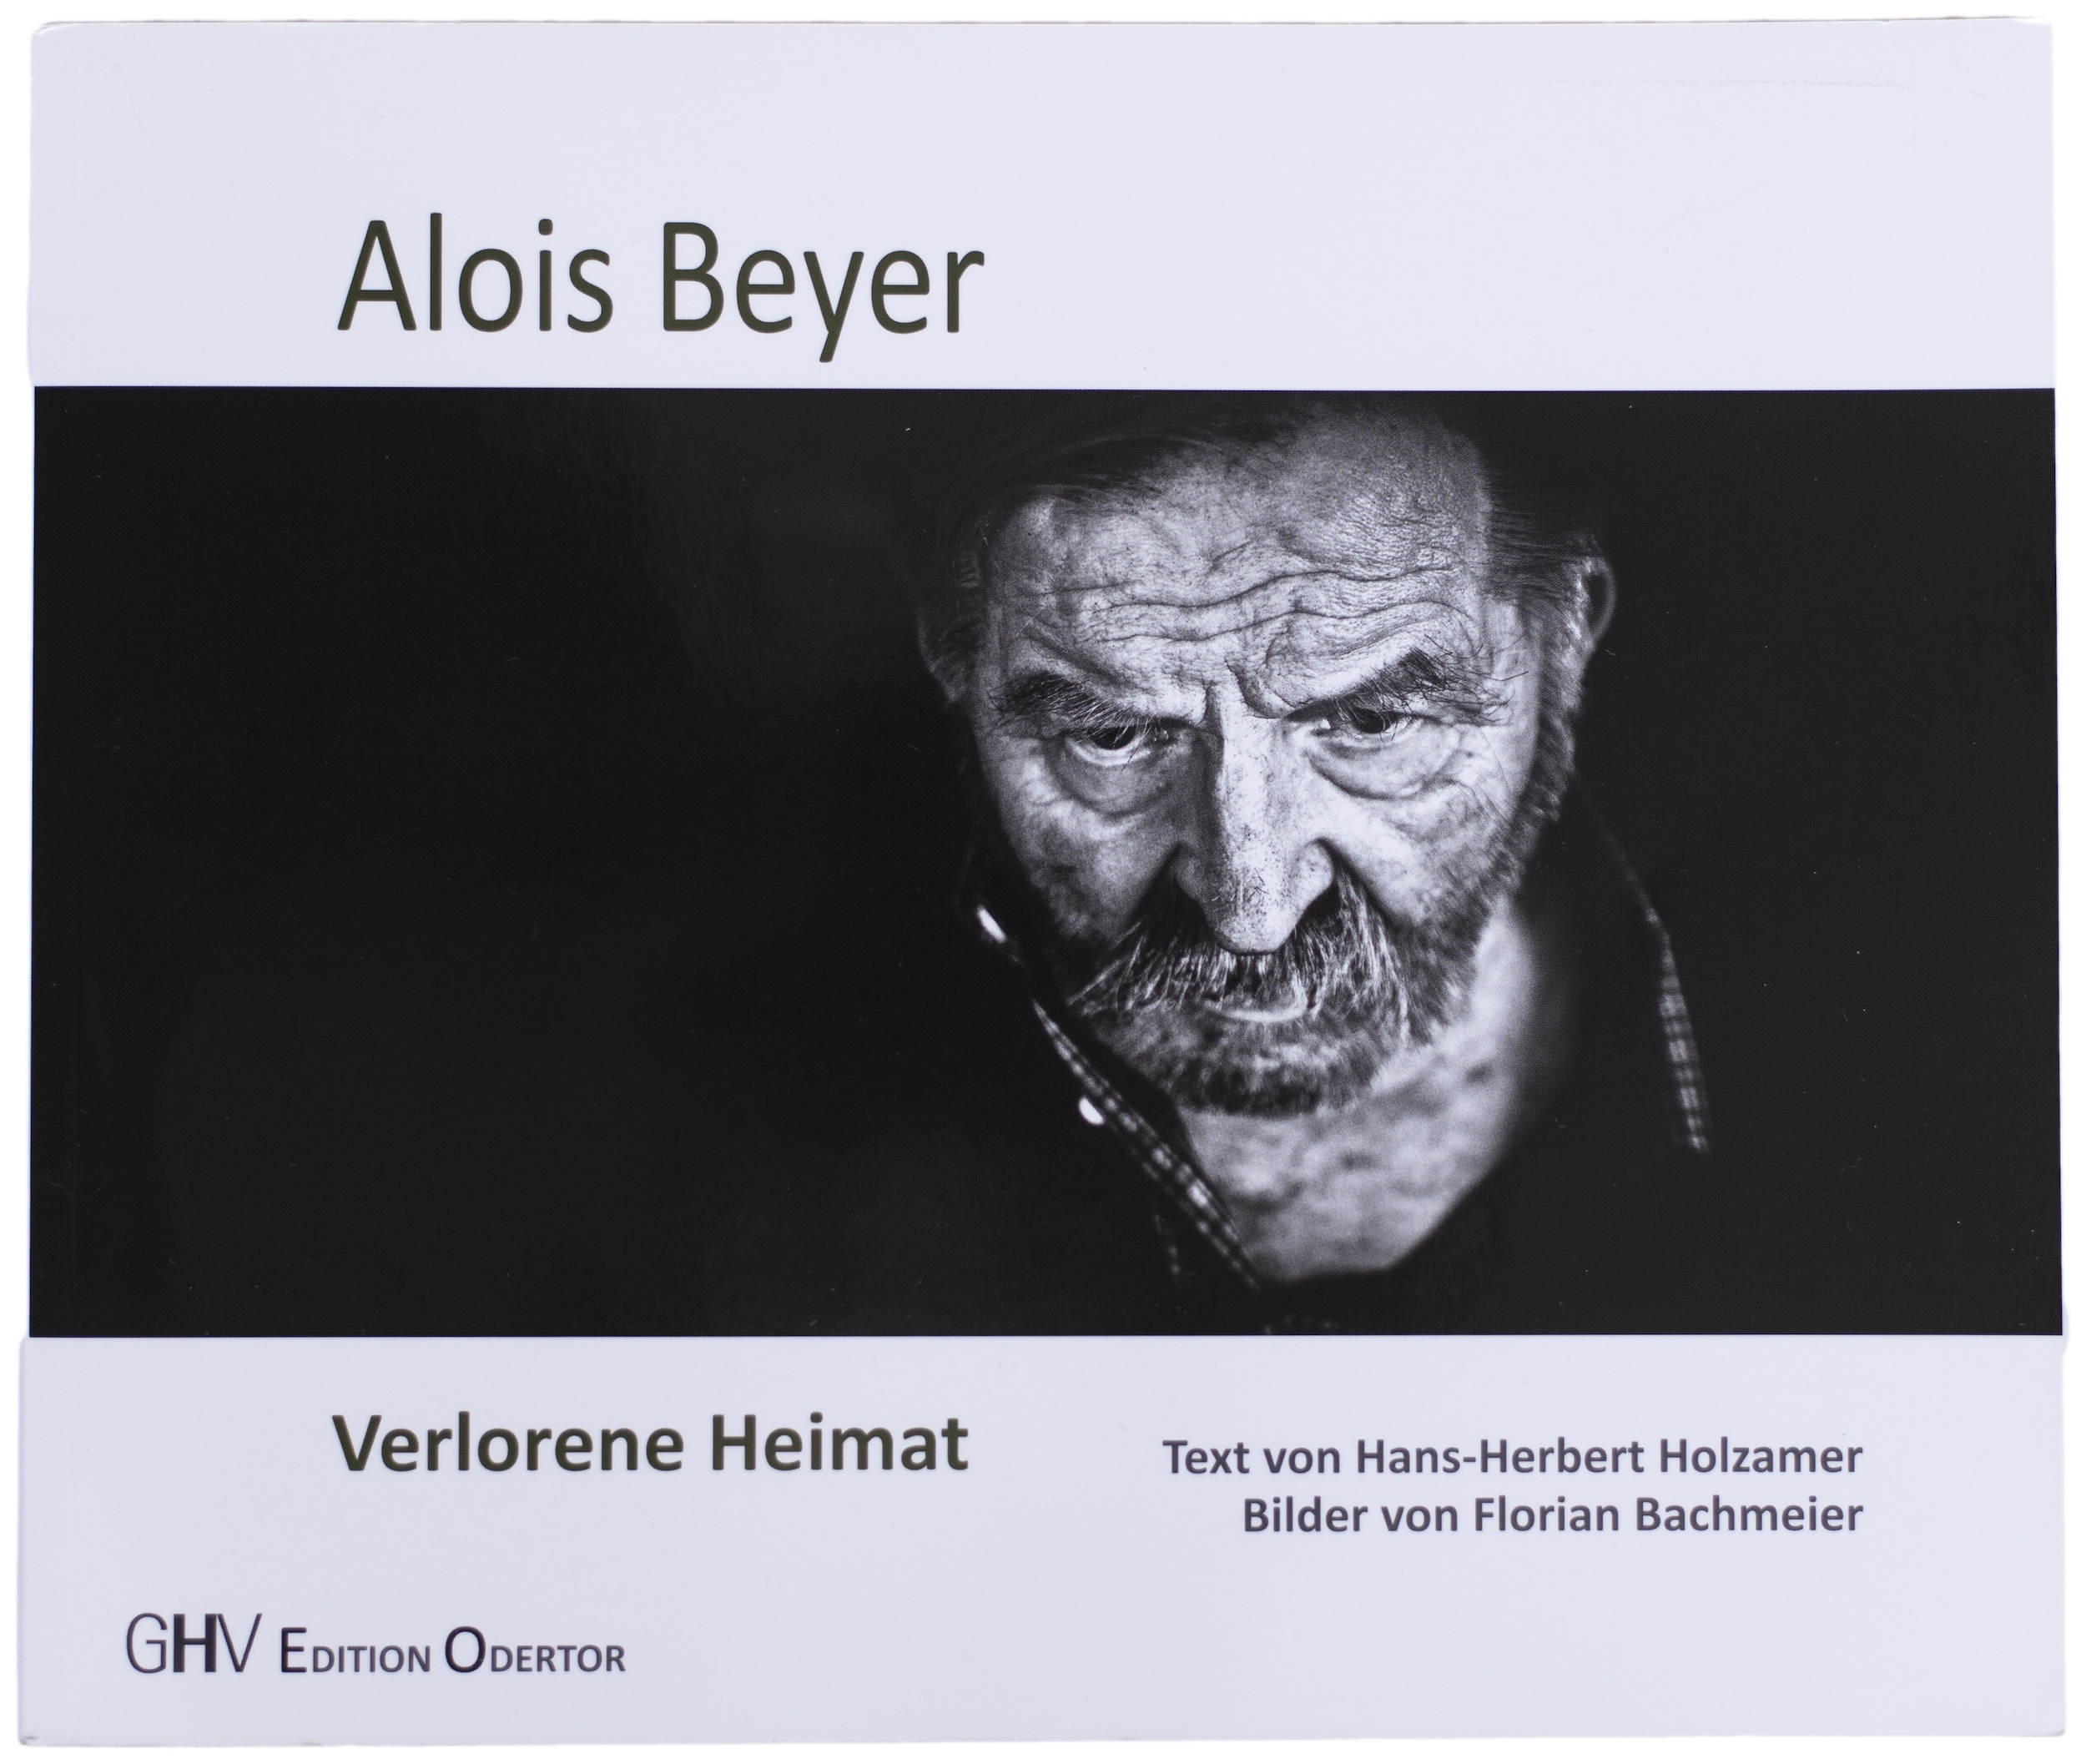 Alois Beyer - Verlorene Heimat